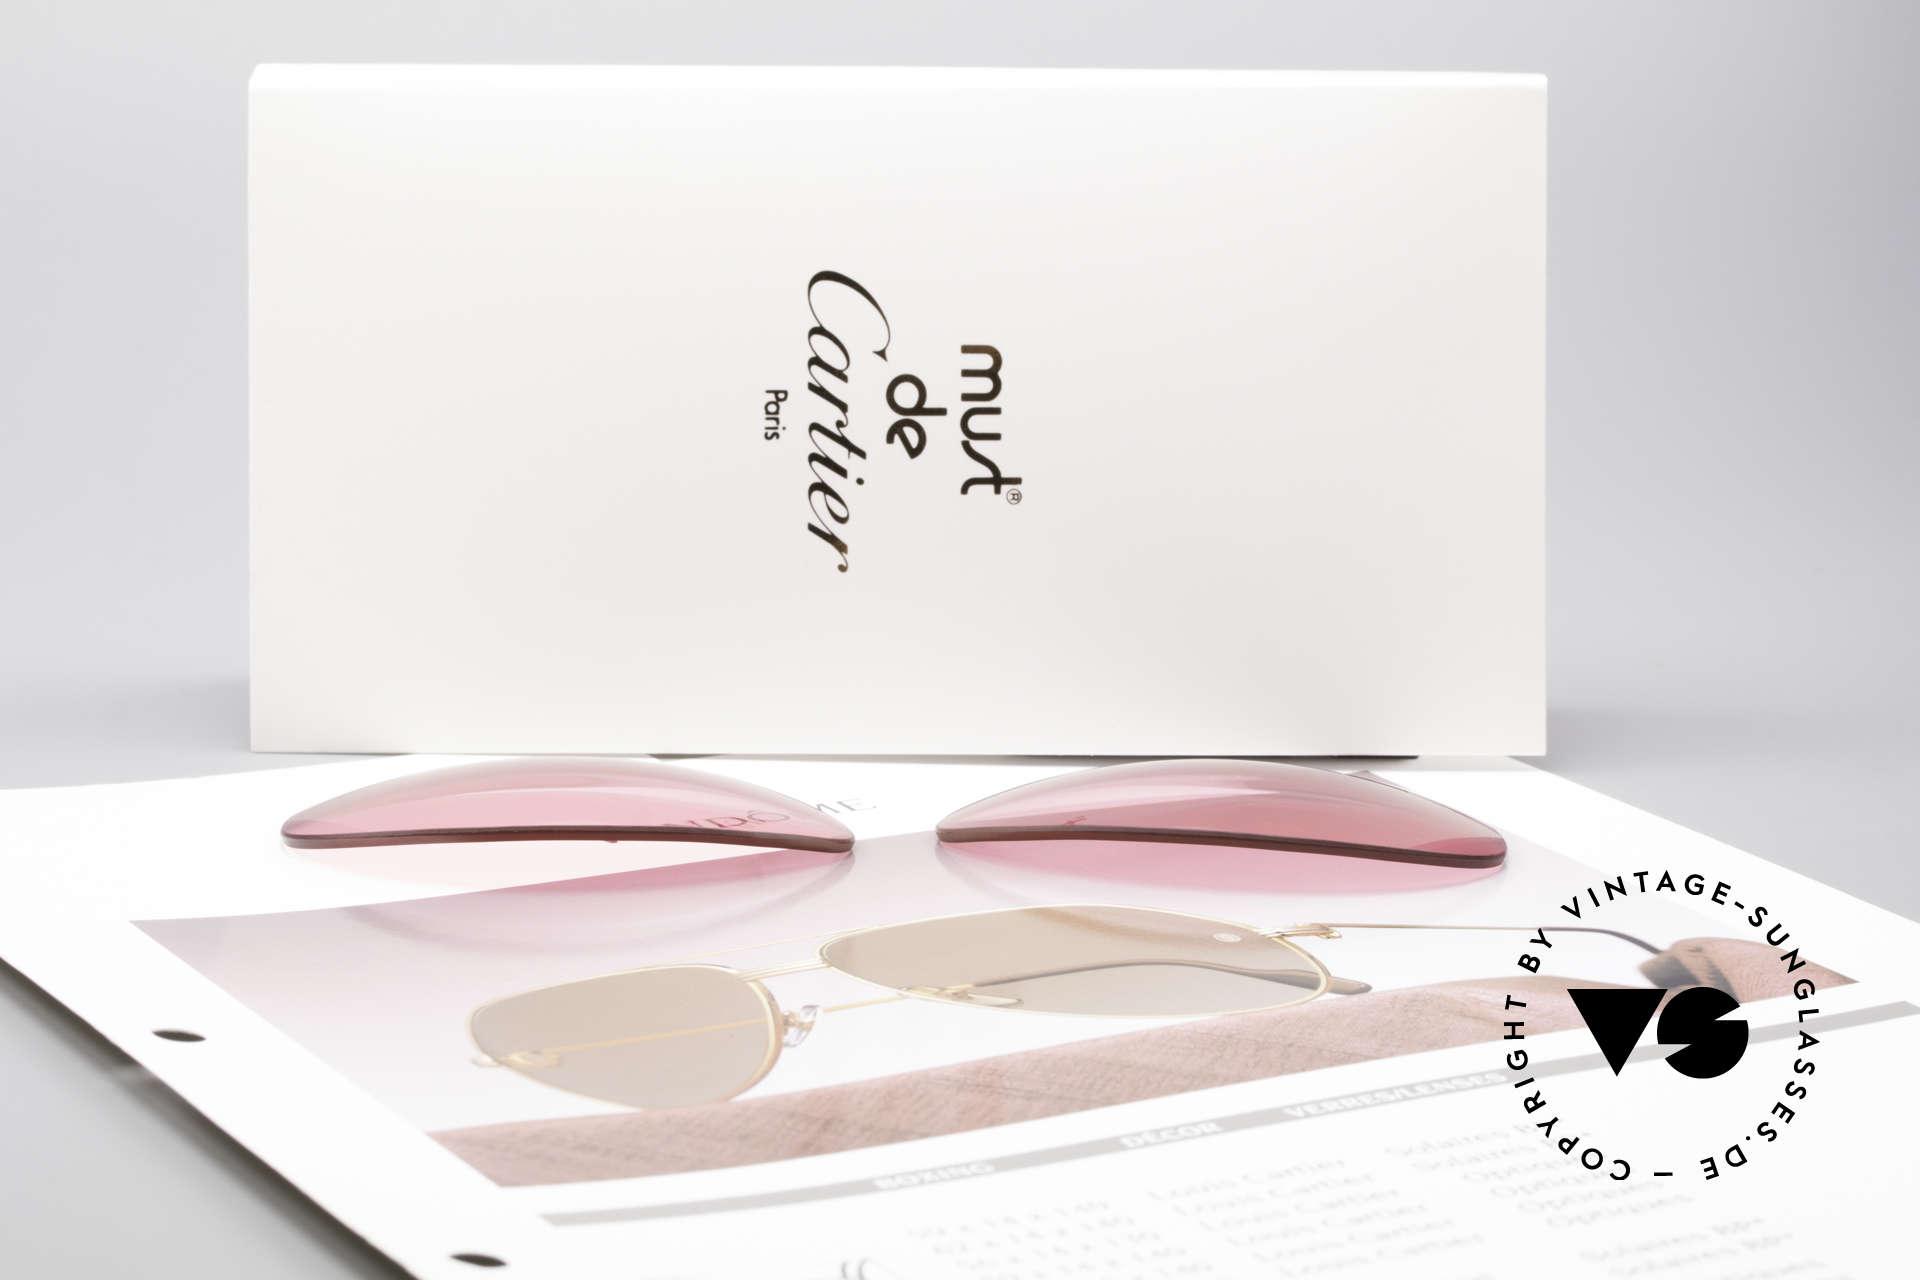 Cartier Vendome Lenses - L Sonnengläser Pink, von unserem Optiker gefertigt: daher neu & kratzerfrei, Passend für Herren